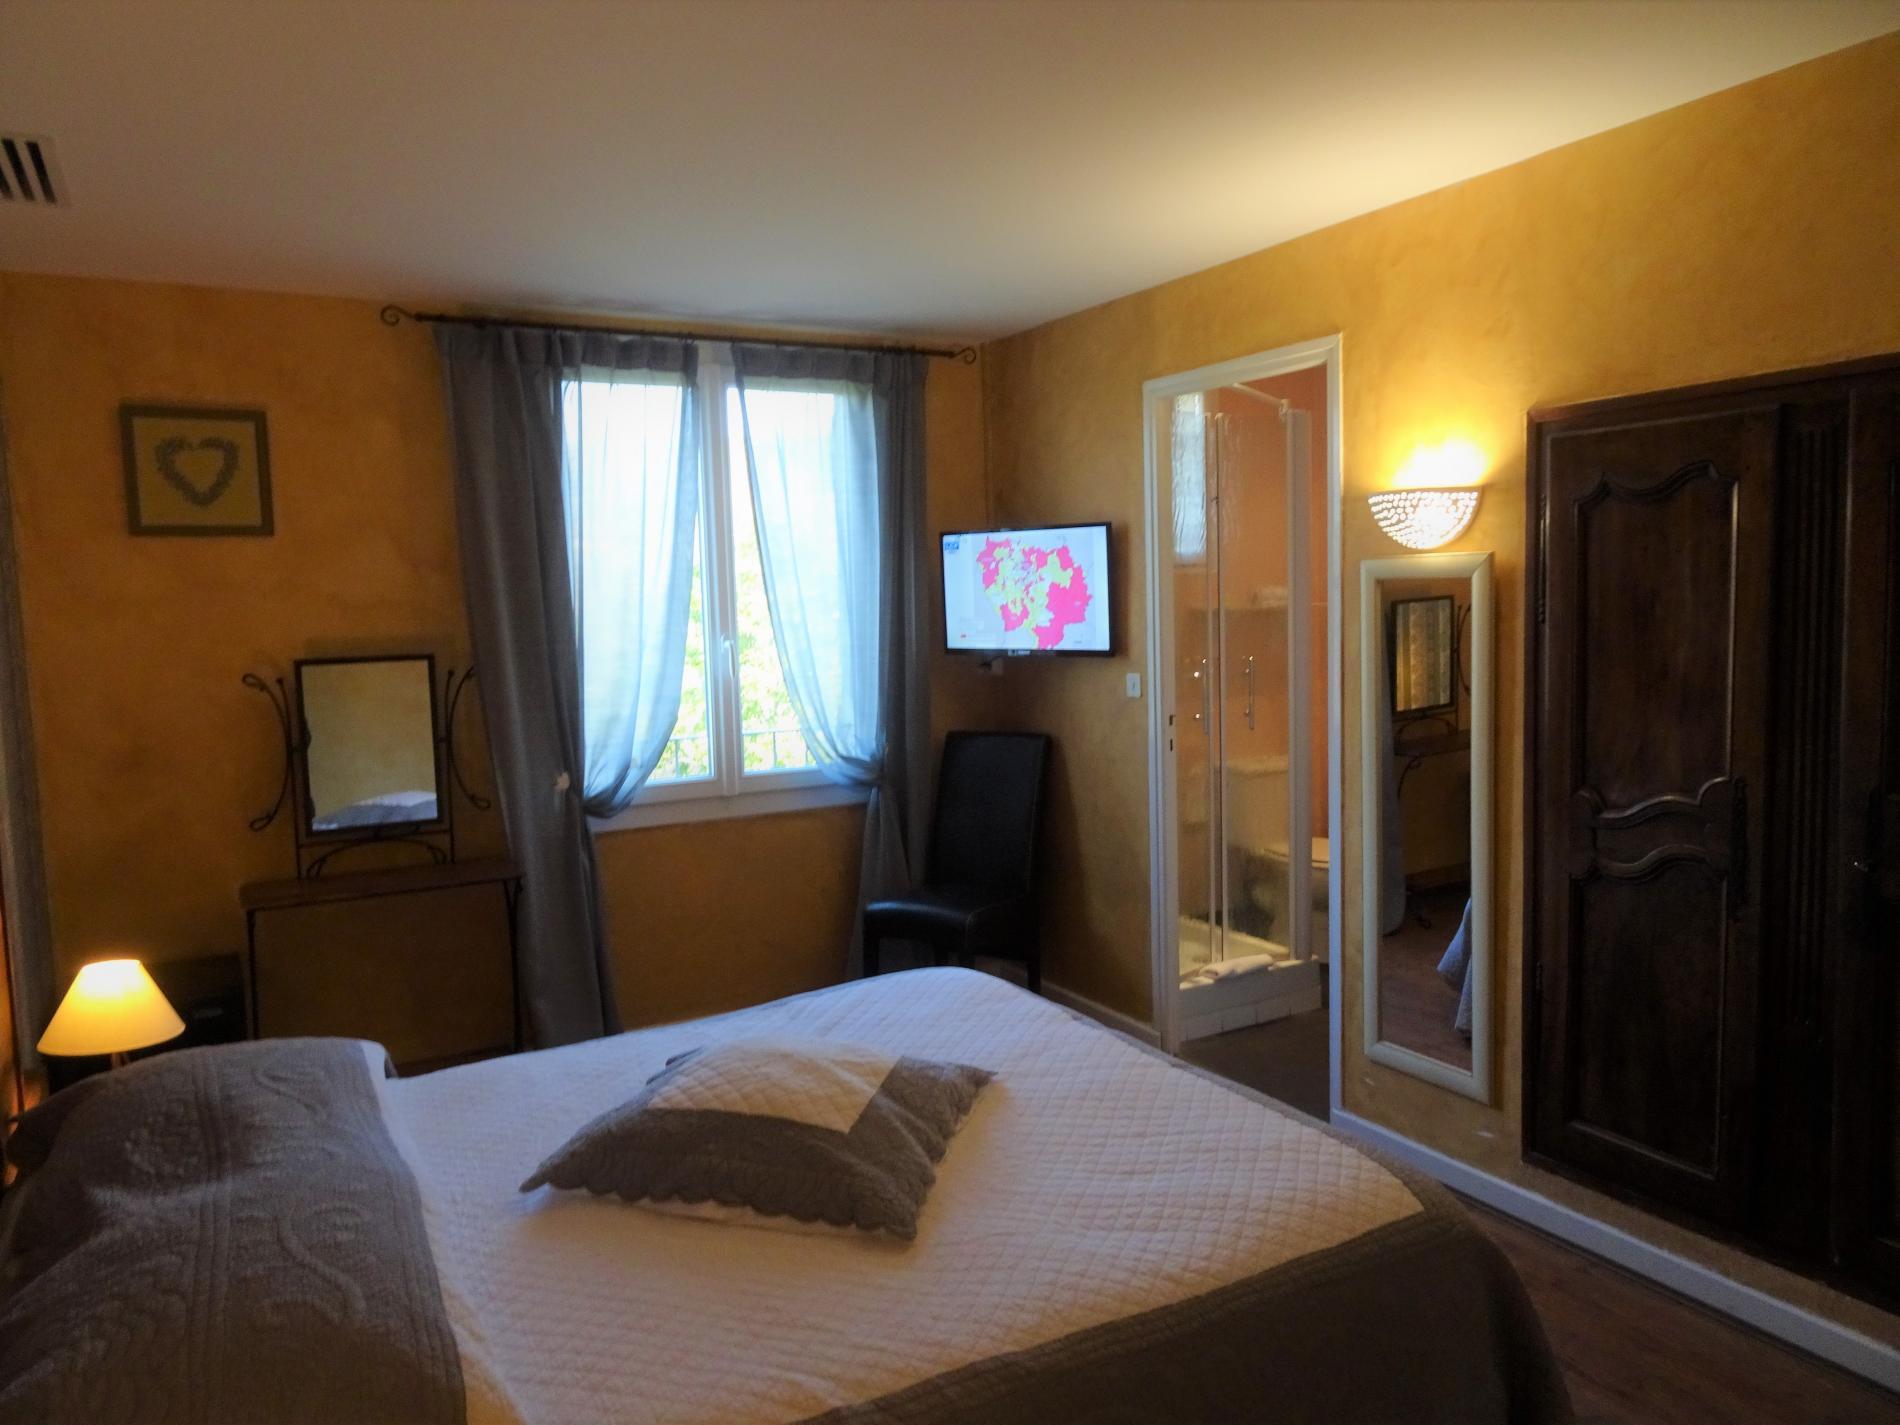 Chambre d'hôtel avec grand lit et vue parc